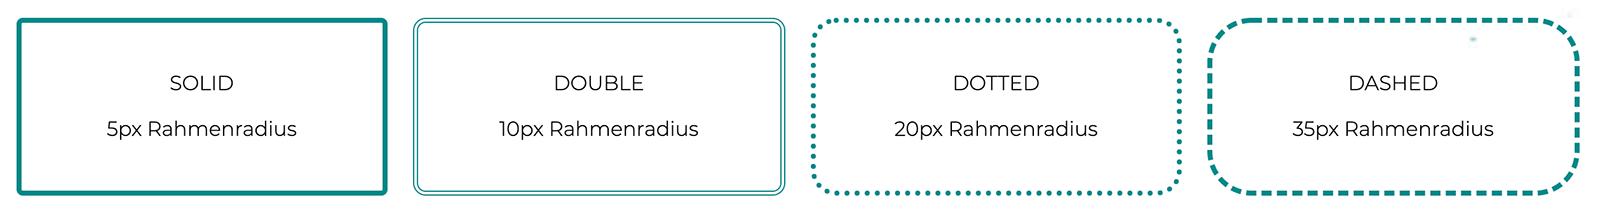 Vier Beispiele mit unterschiedlichen border radius Werten